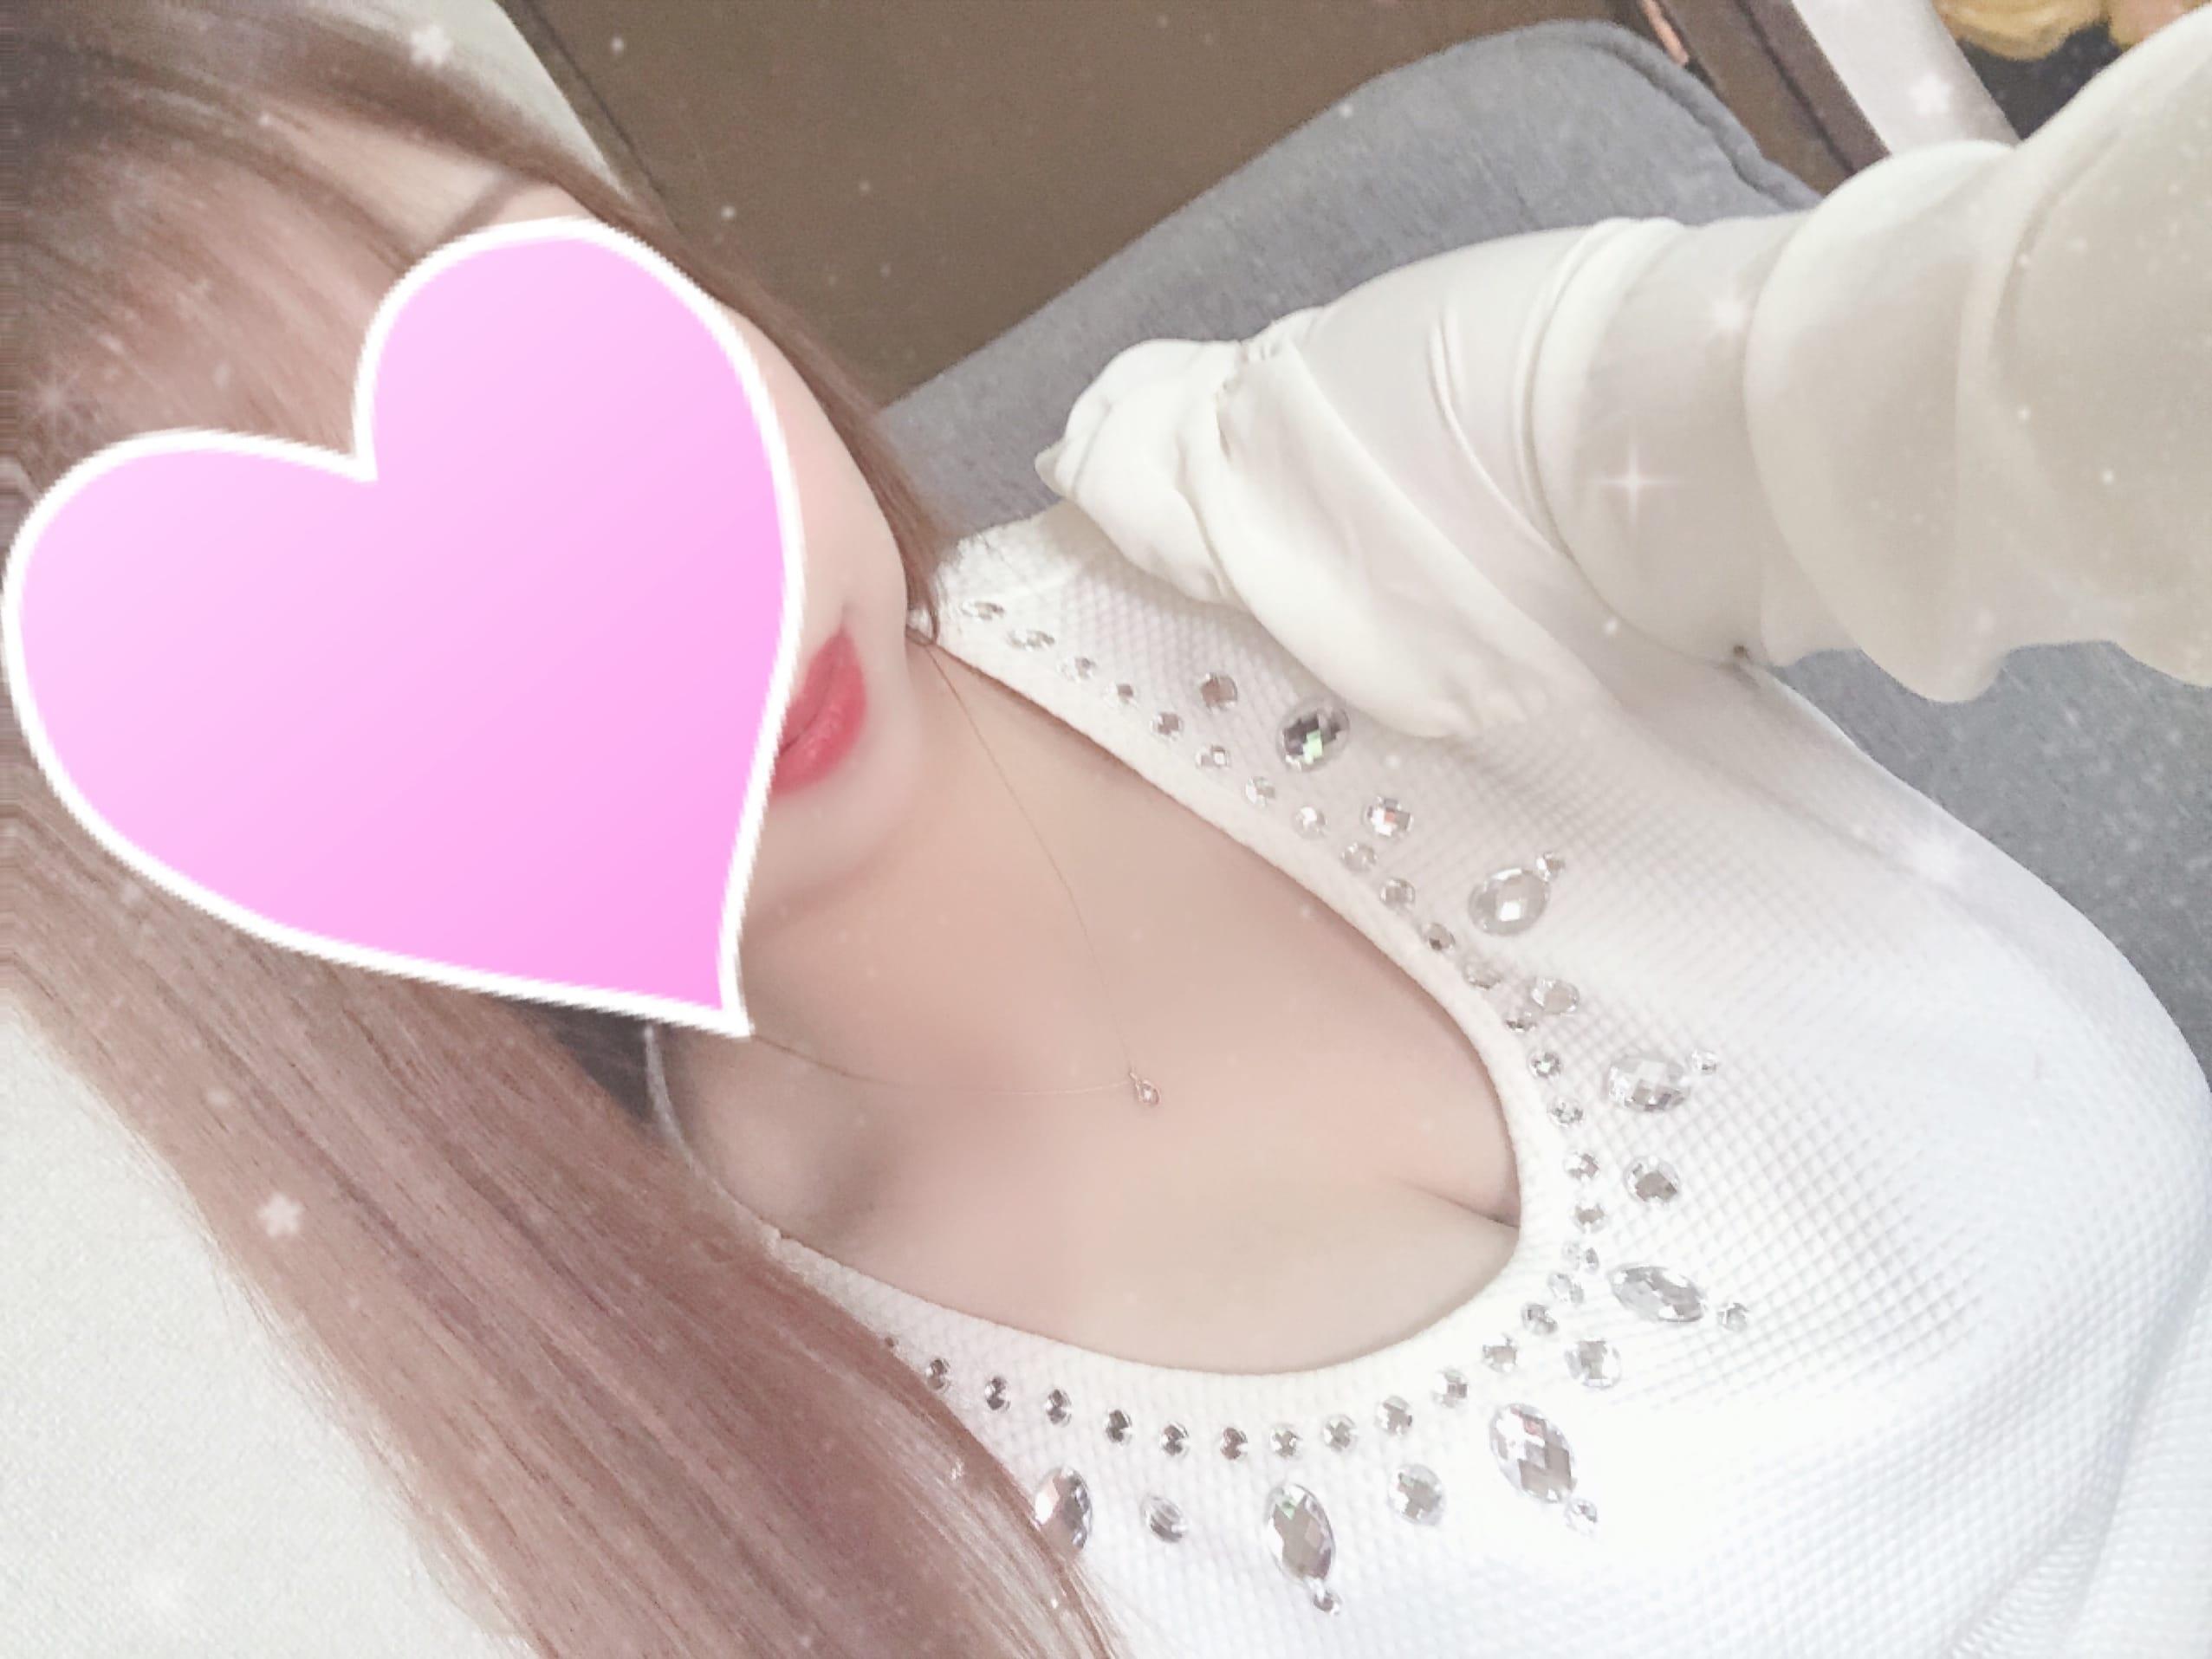 「おはよ〜♡」10/24(日) 09:22 | キコの写メ日記